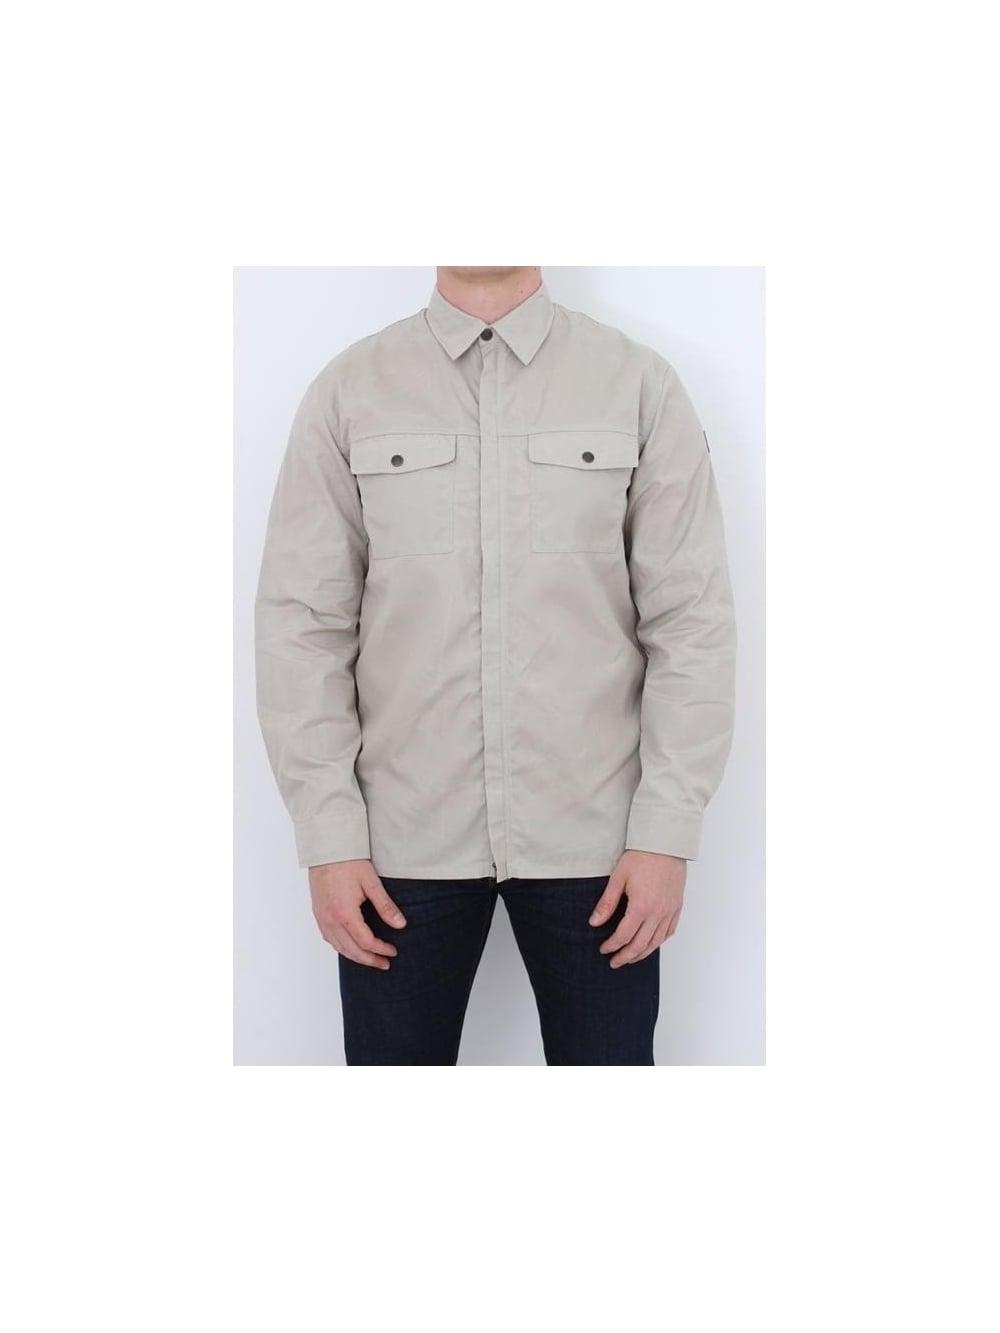 new style 09558 03556 G-1000 Shirt - Limestone